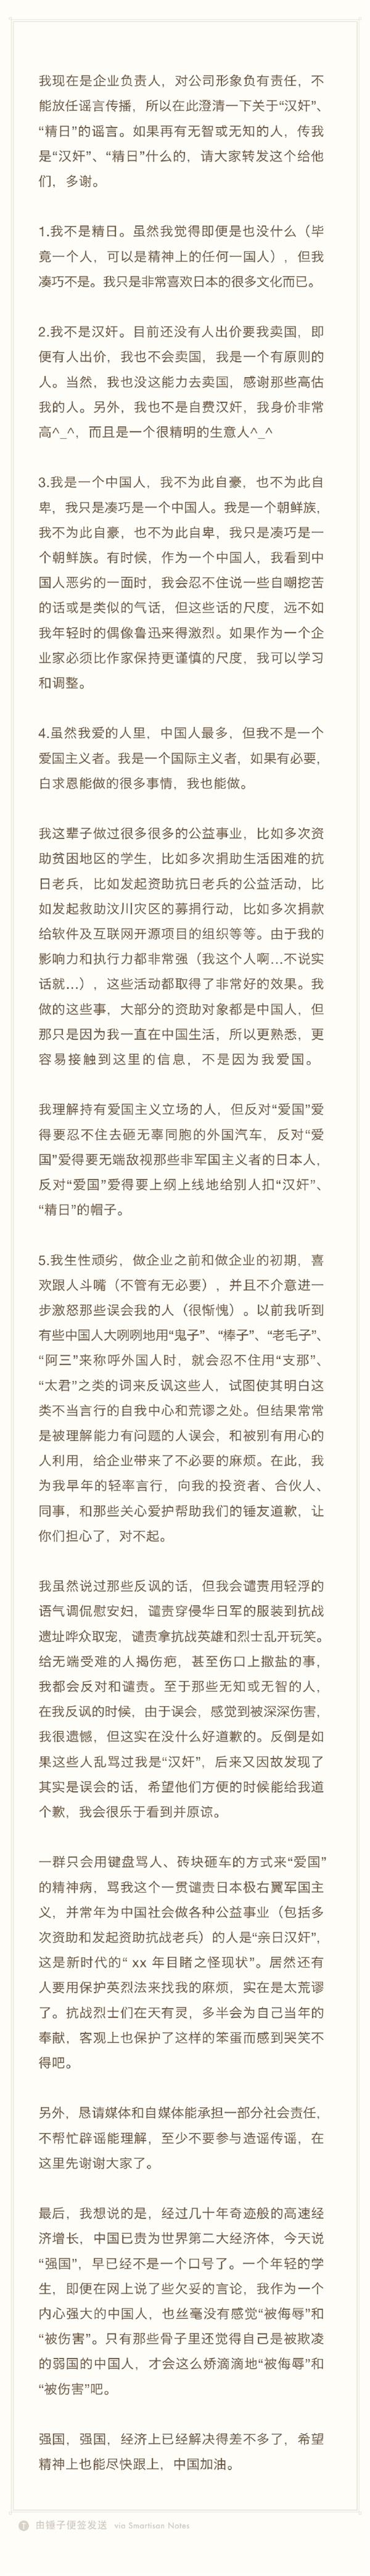 罗永浩:我不是精日不是汉奸 为早年轻率言行道歉